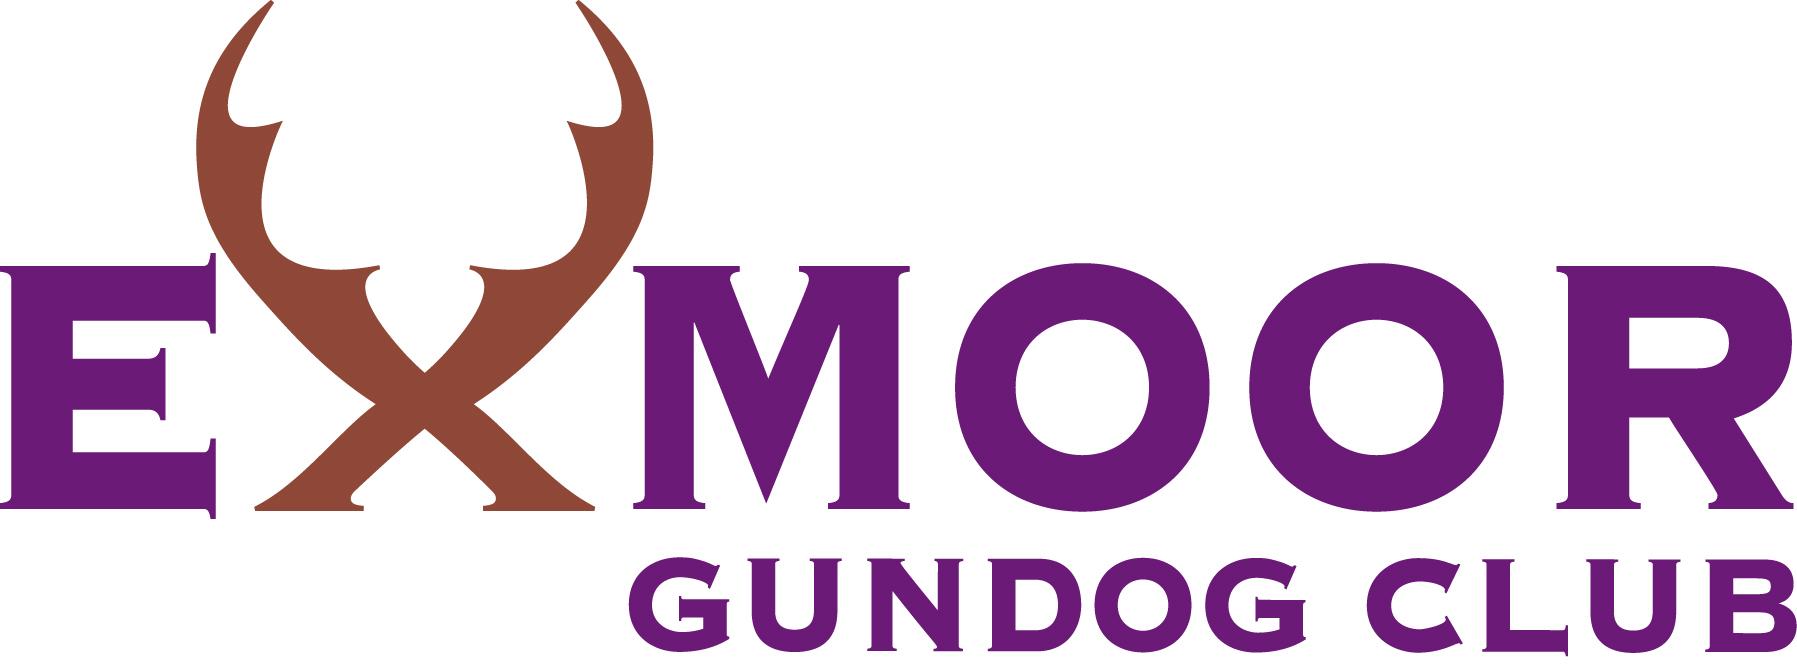 Exmoor Gundog Club